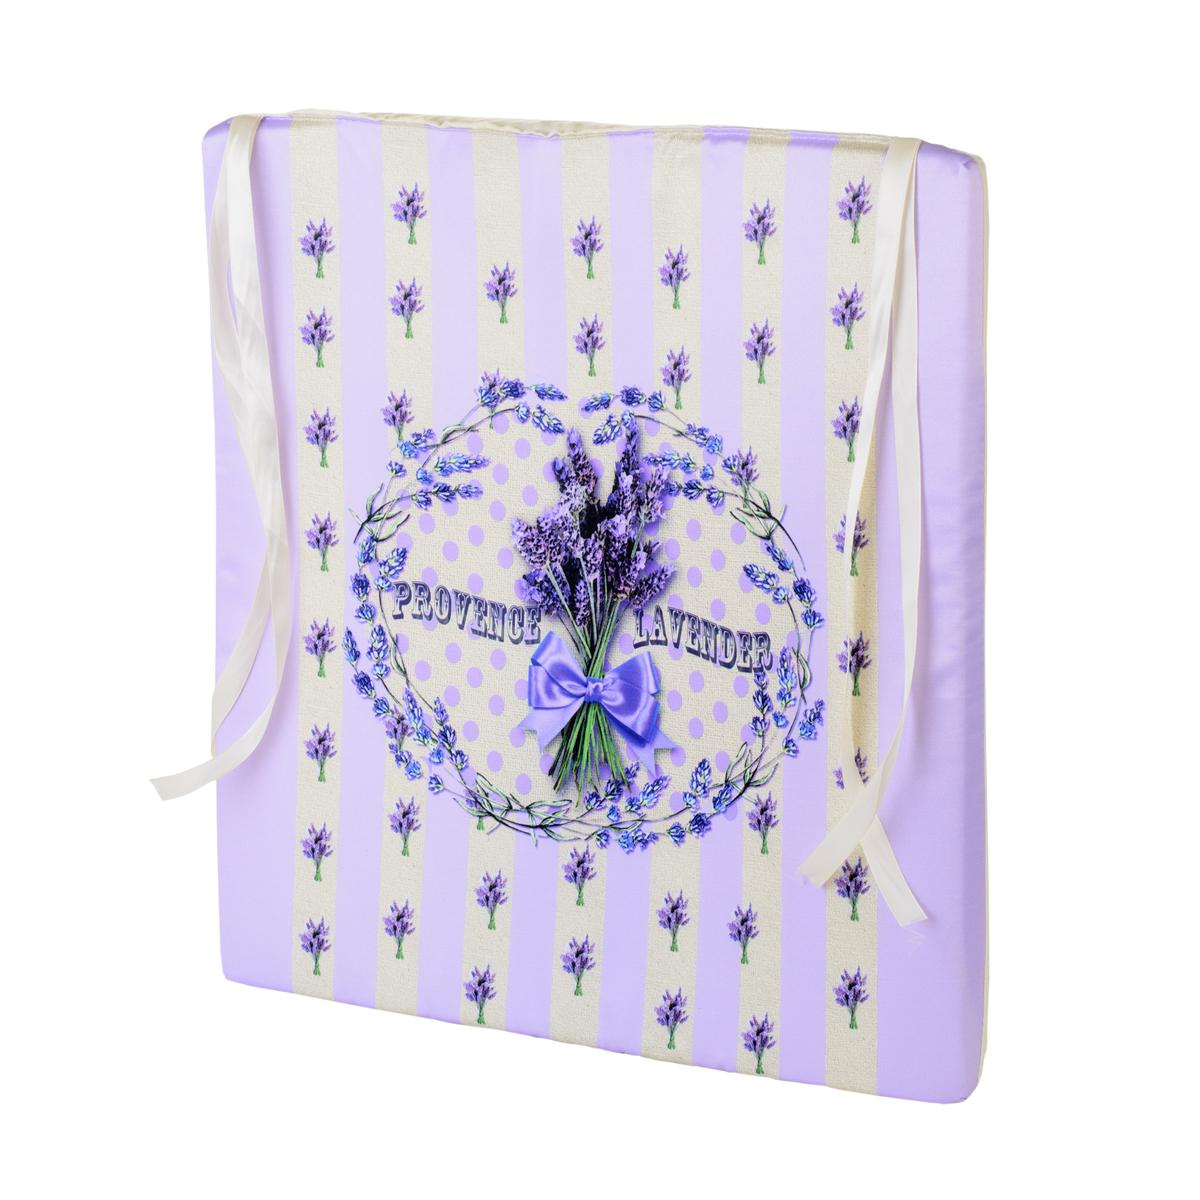 Подушка на стул GiftnHome Лаванда, 40 х 40 смSEAT-40 LavenderПодушка на стул GiftnHome Лаванда не только красиво дополнит интерьер кухни, но и обеспечит комфорт при сидении. Чехол выполнен из атласа (искусственный шелк) и оформлен изображением лаванды. В качестве наполнителя используется мягкий поролон. Изделие имеет 2 завязки для крепления на табурет или стул. Интерьерные подушки с модными принтами внесут яркие краски и актуальный стиль в интерьер вашего дома, дачи, офиса или студии. Правильно сидеть - значит сохранить здоровье на долгие годы. Жесткие сидения подвергают наше здоровье опасности. Подушка с мягким наполнителем поможет предотвратить большинство нежелательных последствий сидячего образа жизни.